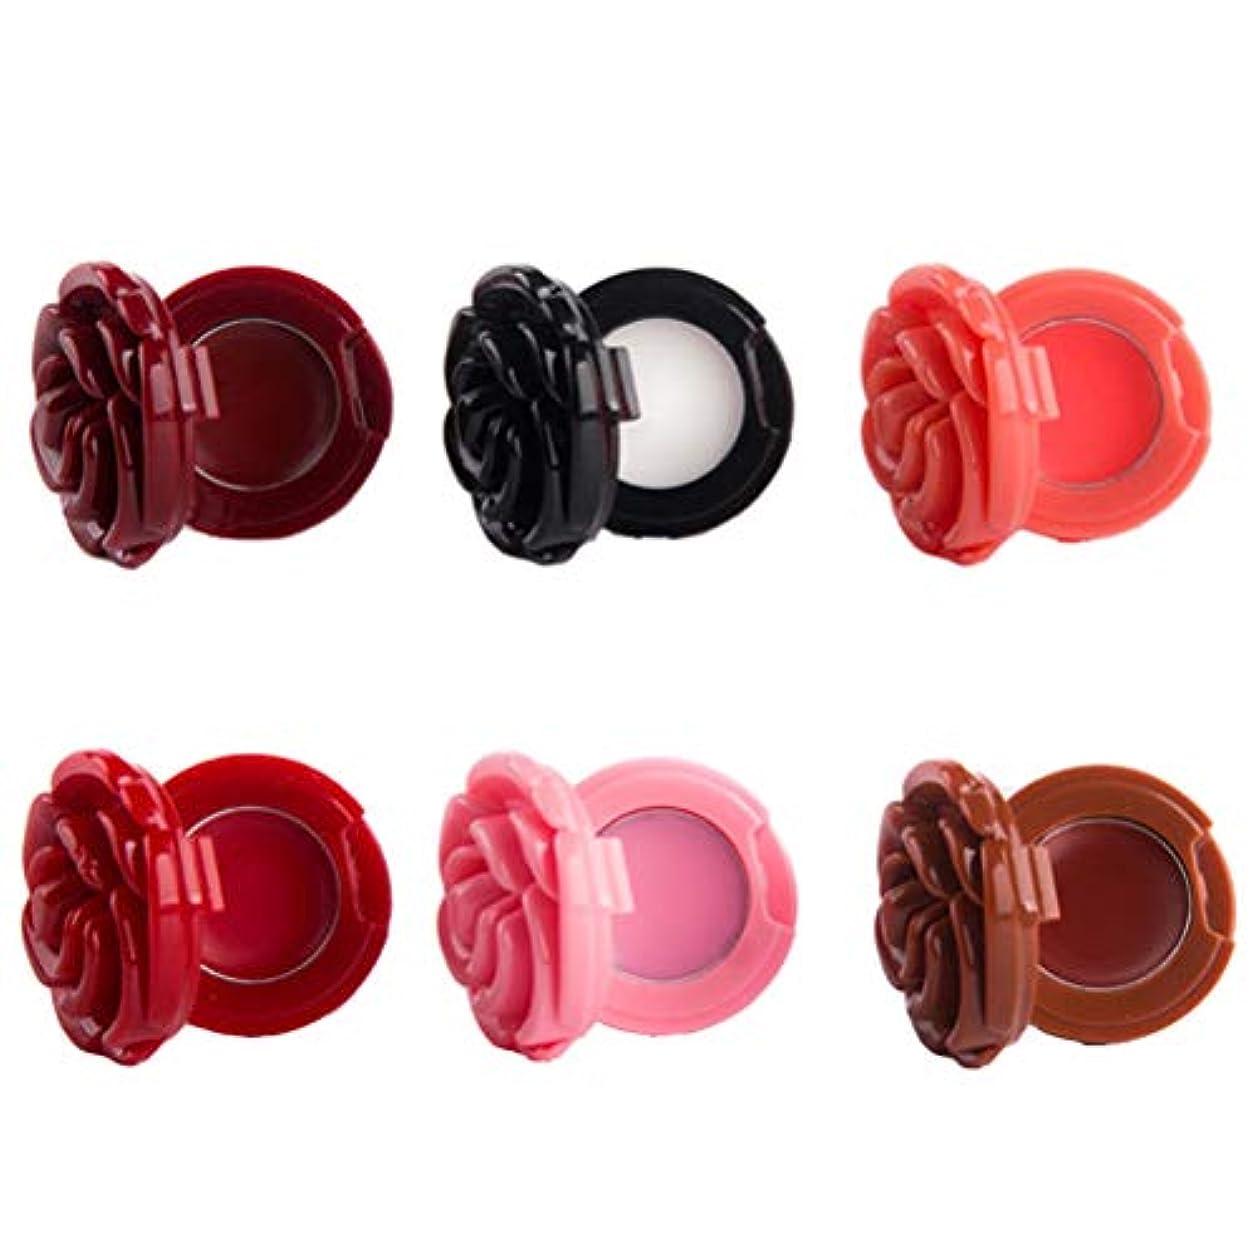 サロンスキャンダラスフェローシップBeaupretty 6ピース花の形の空の化粧容器詰め替え式容器付きミラーDIY化粧容器ケース口紅リップクリームアイシャドウ(合金パンなし)